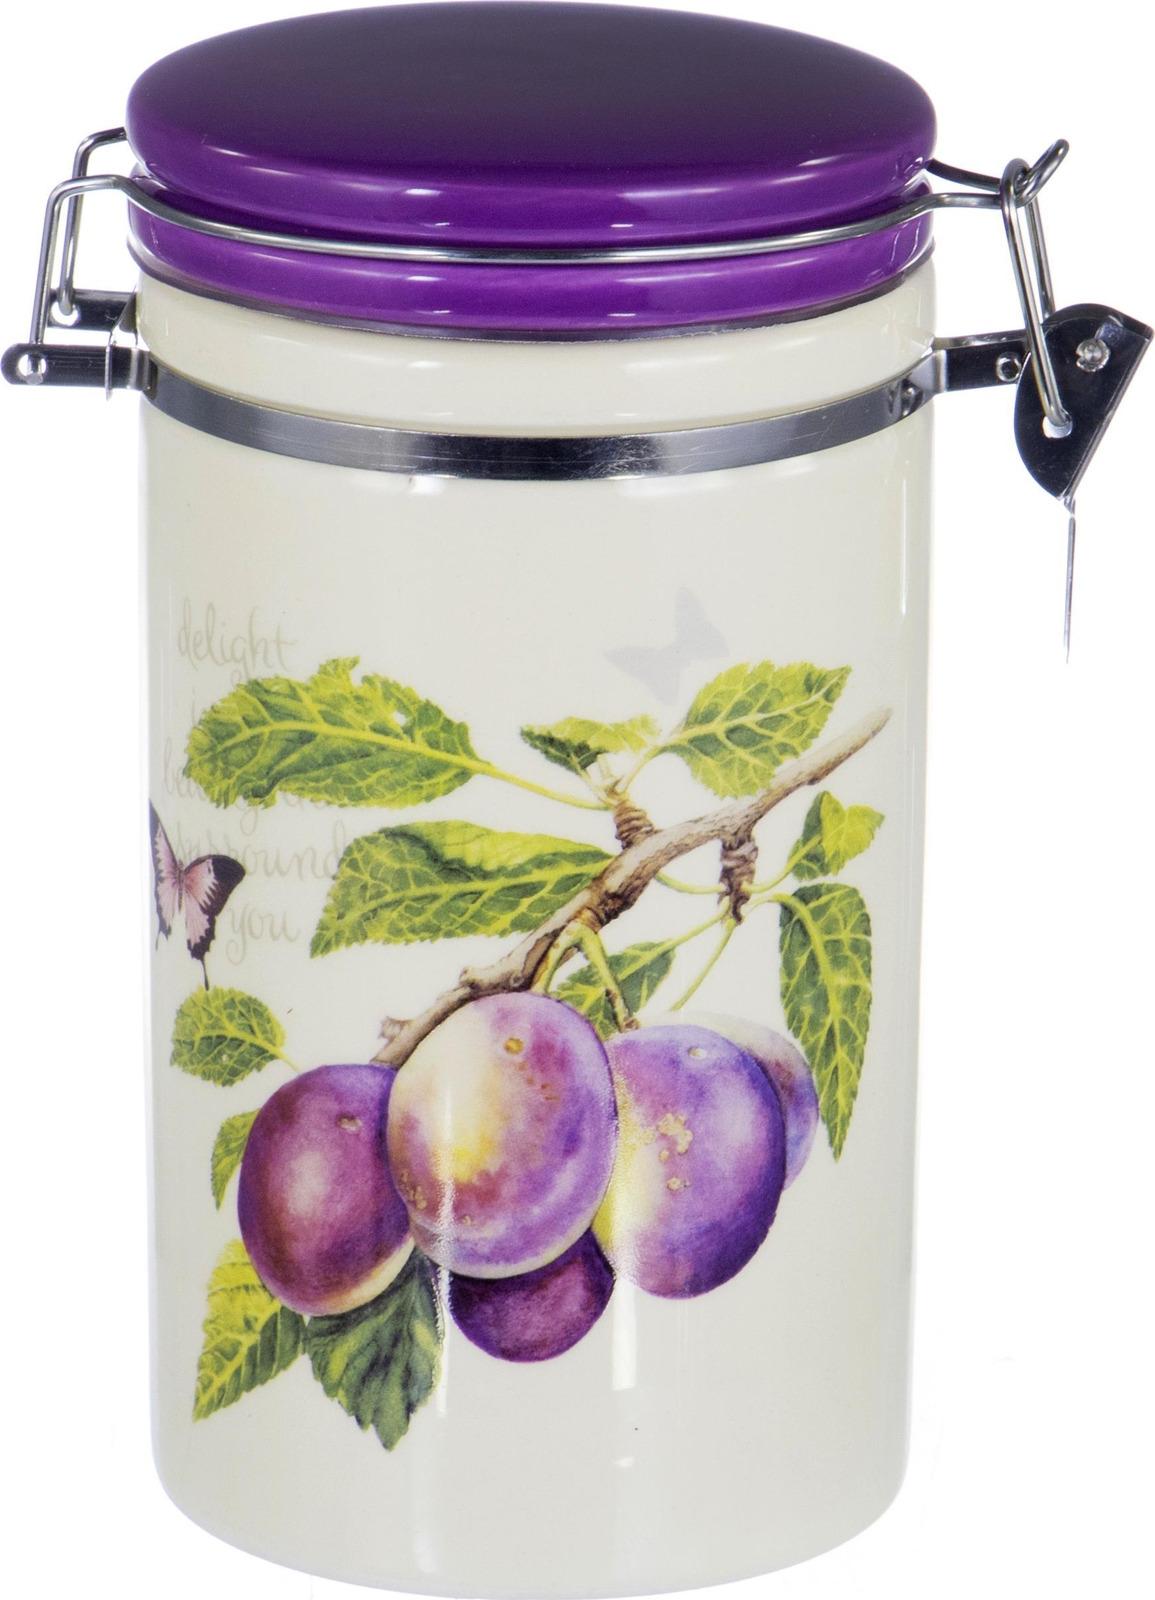 Банка для сыпучих продуктов Elrington Слива, с клипсой, цвет: фиолетовый, 1 л банка для сыпучих продуктоврозовый сад 12 12 19см 1000мл уп 1 32шт